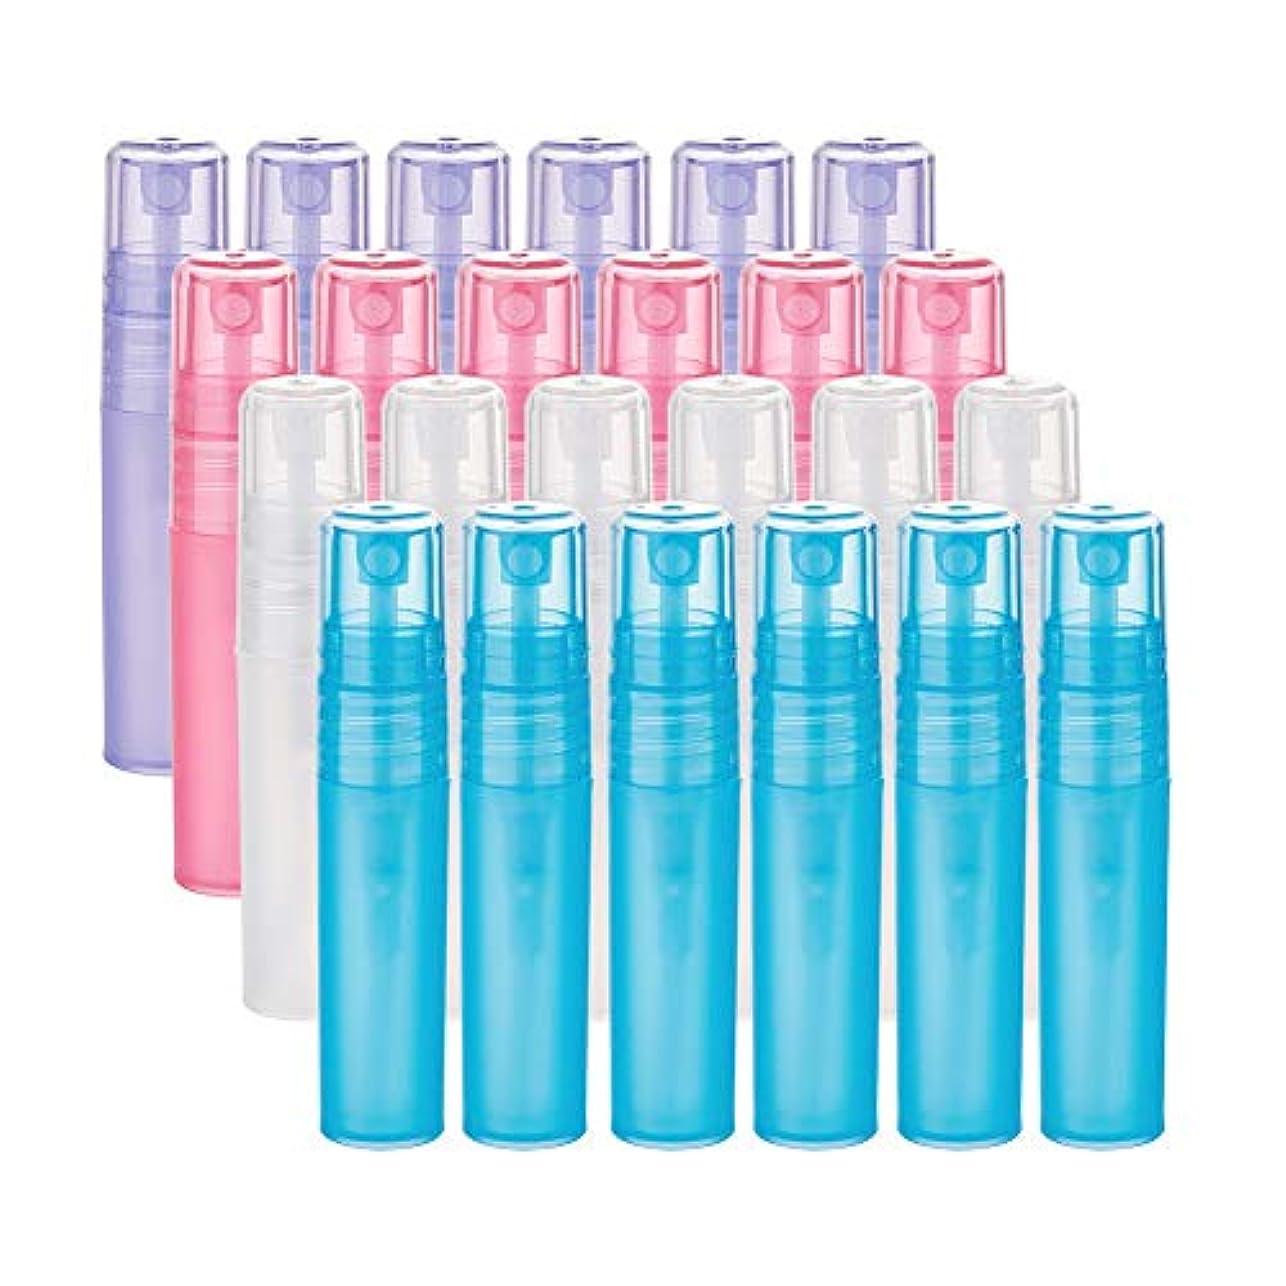 看板ペリスコープ進むBENECREAT 24個セット5ml香水スプレーボトル 4種色 プラスティック製 極細ミスト 香水 化粧水 コスメ小分けボトル 詰め替え